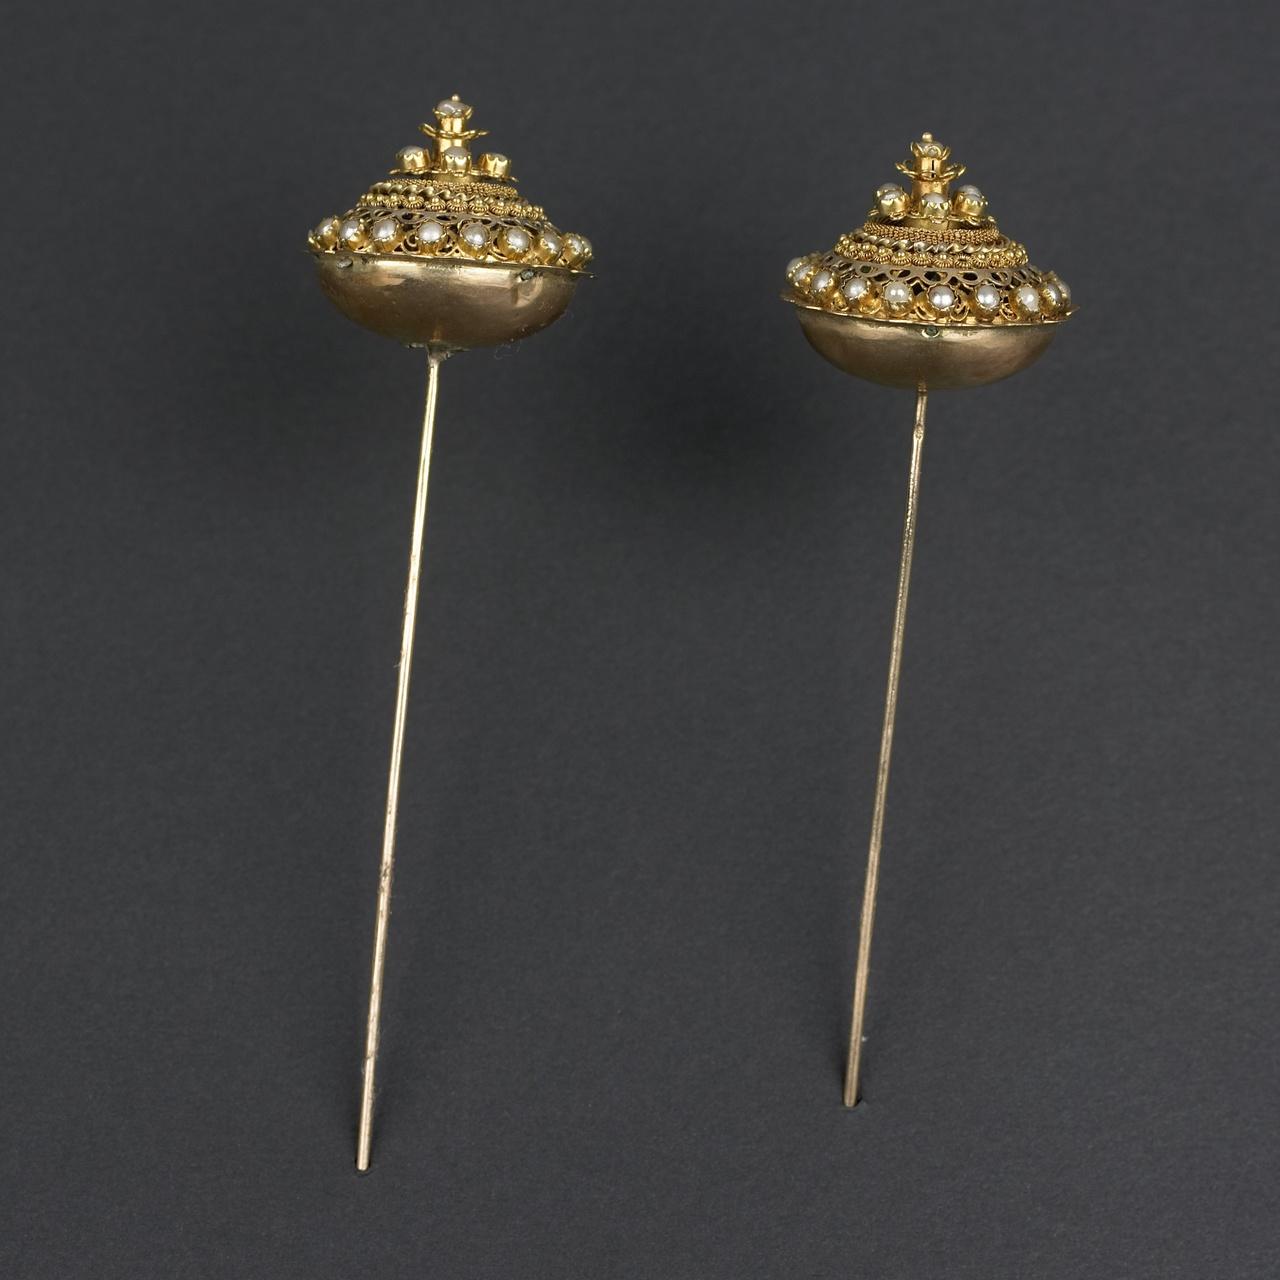 Mutsspelden met parels, Tholen of Noord-Beveland